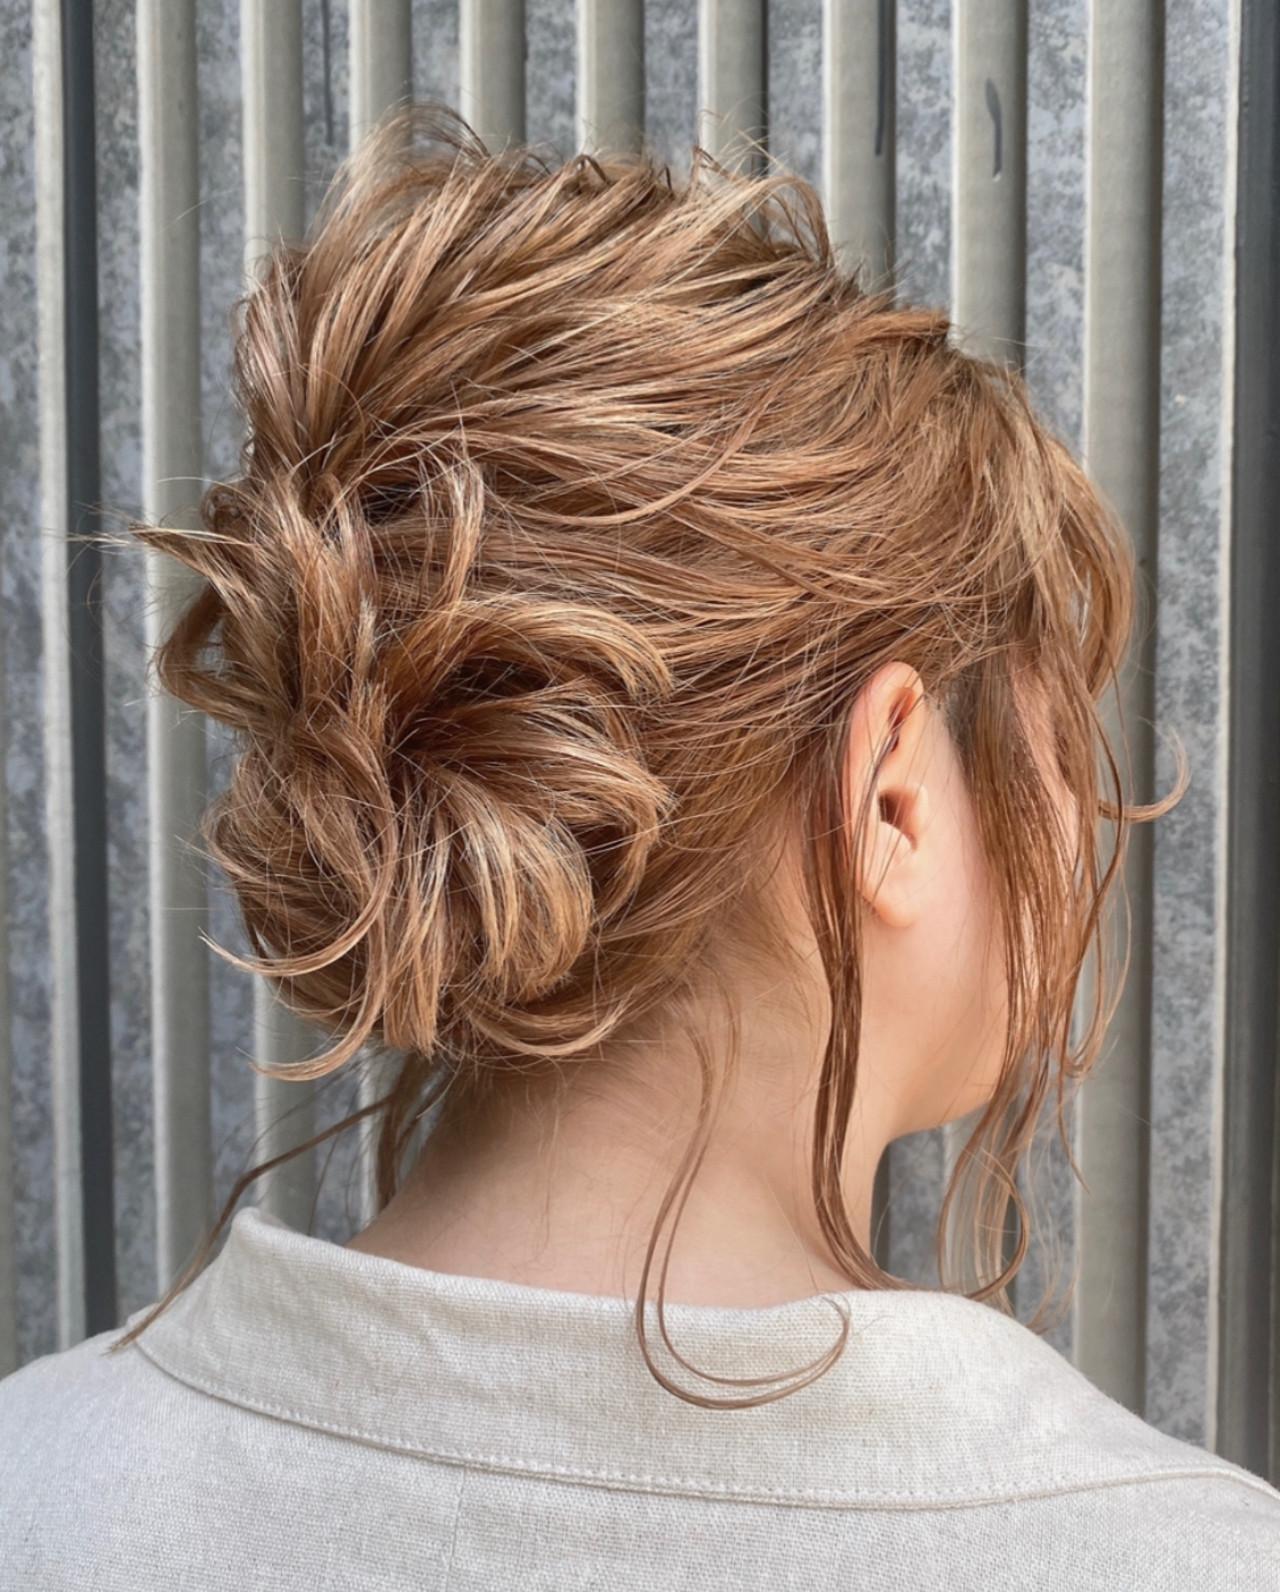 フェミニン 簡単ヘアアレンジ ボブ ショートヘア ヘアスタイルや髪型の写真・画像